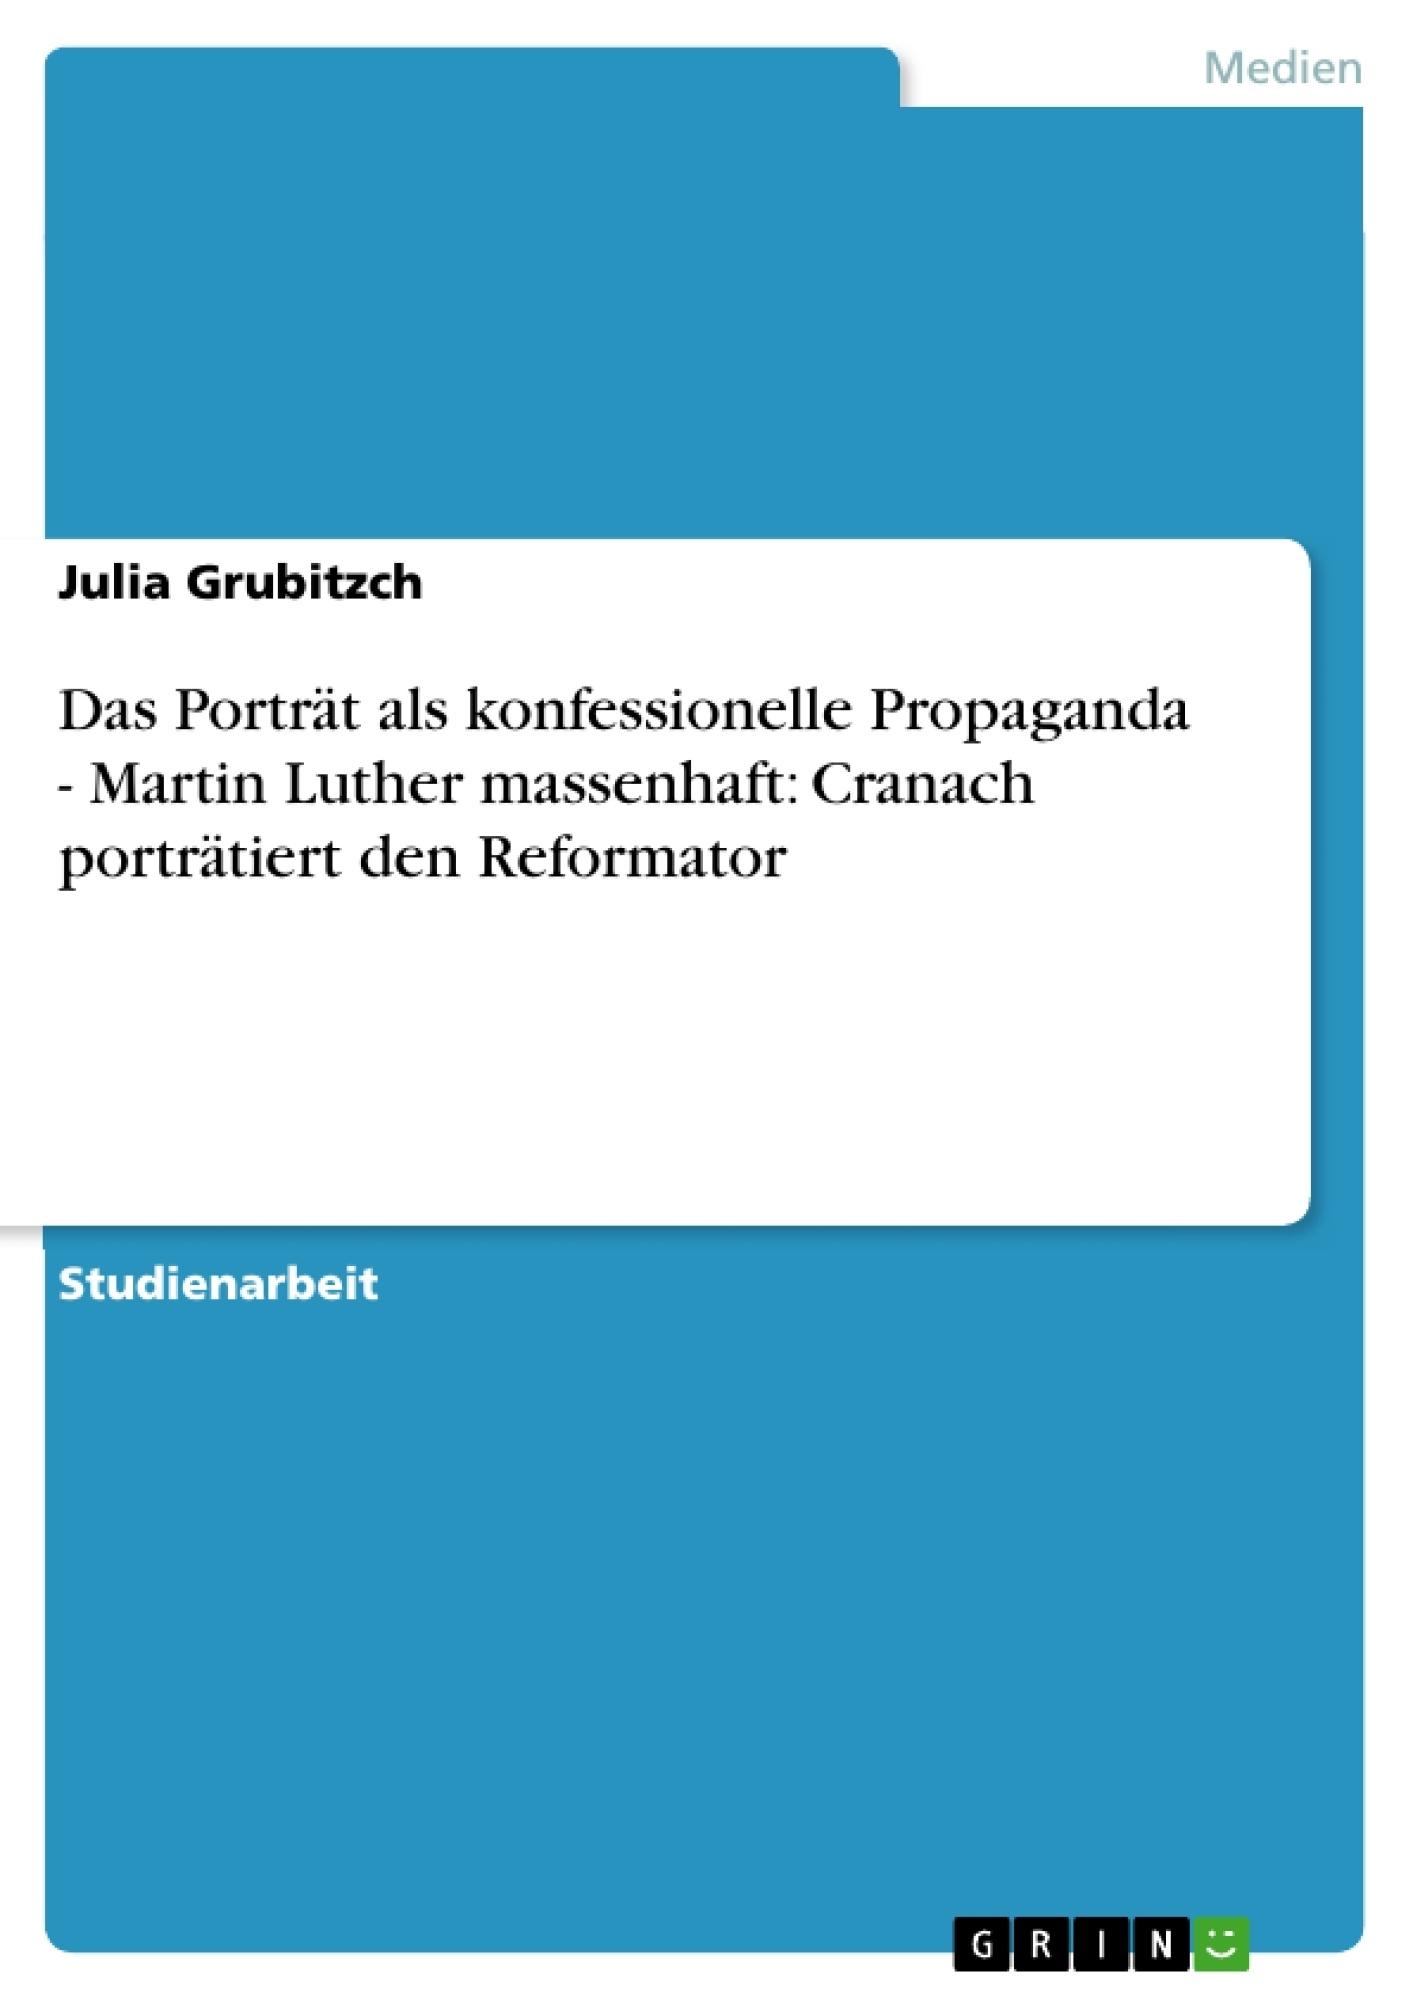 Titel: Das Porträt als konfessionelle Propaganda - Martin Luther massenhaft: Cranach porträtiert den Reformator